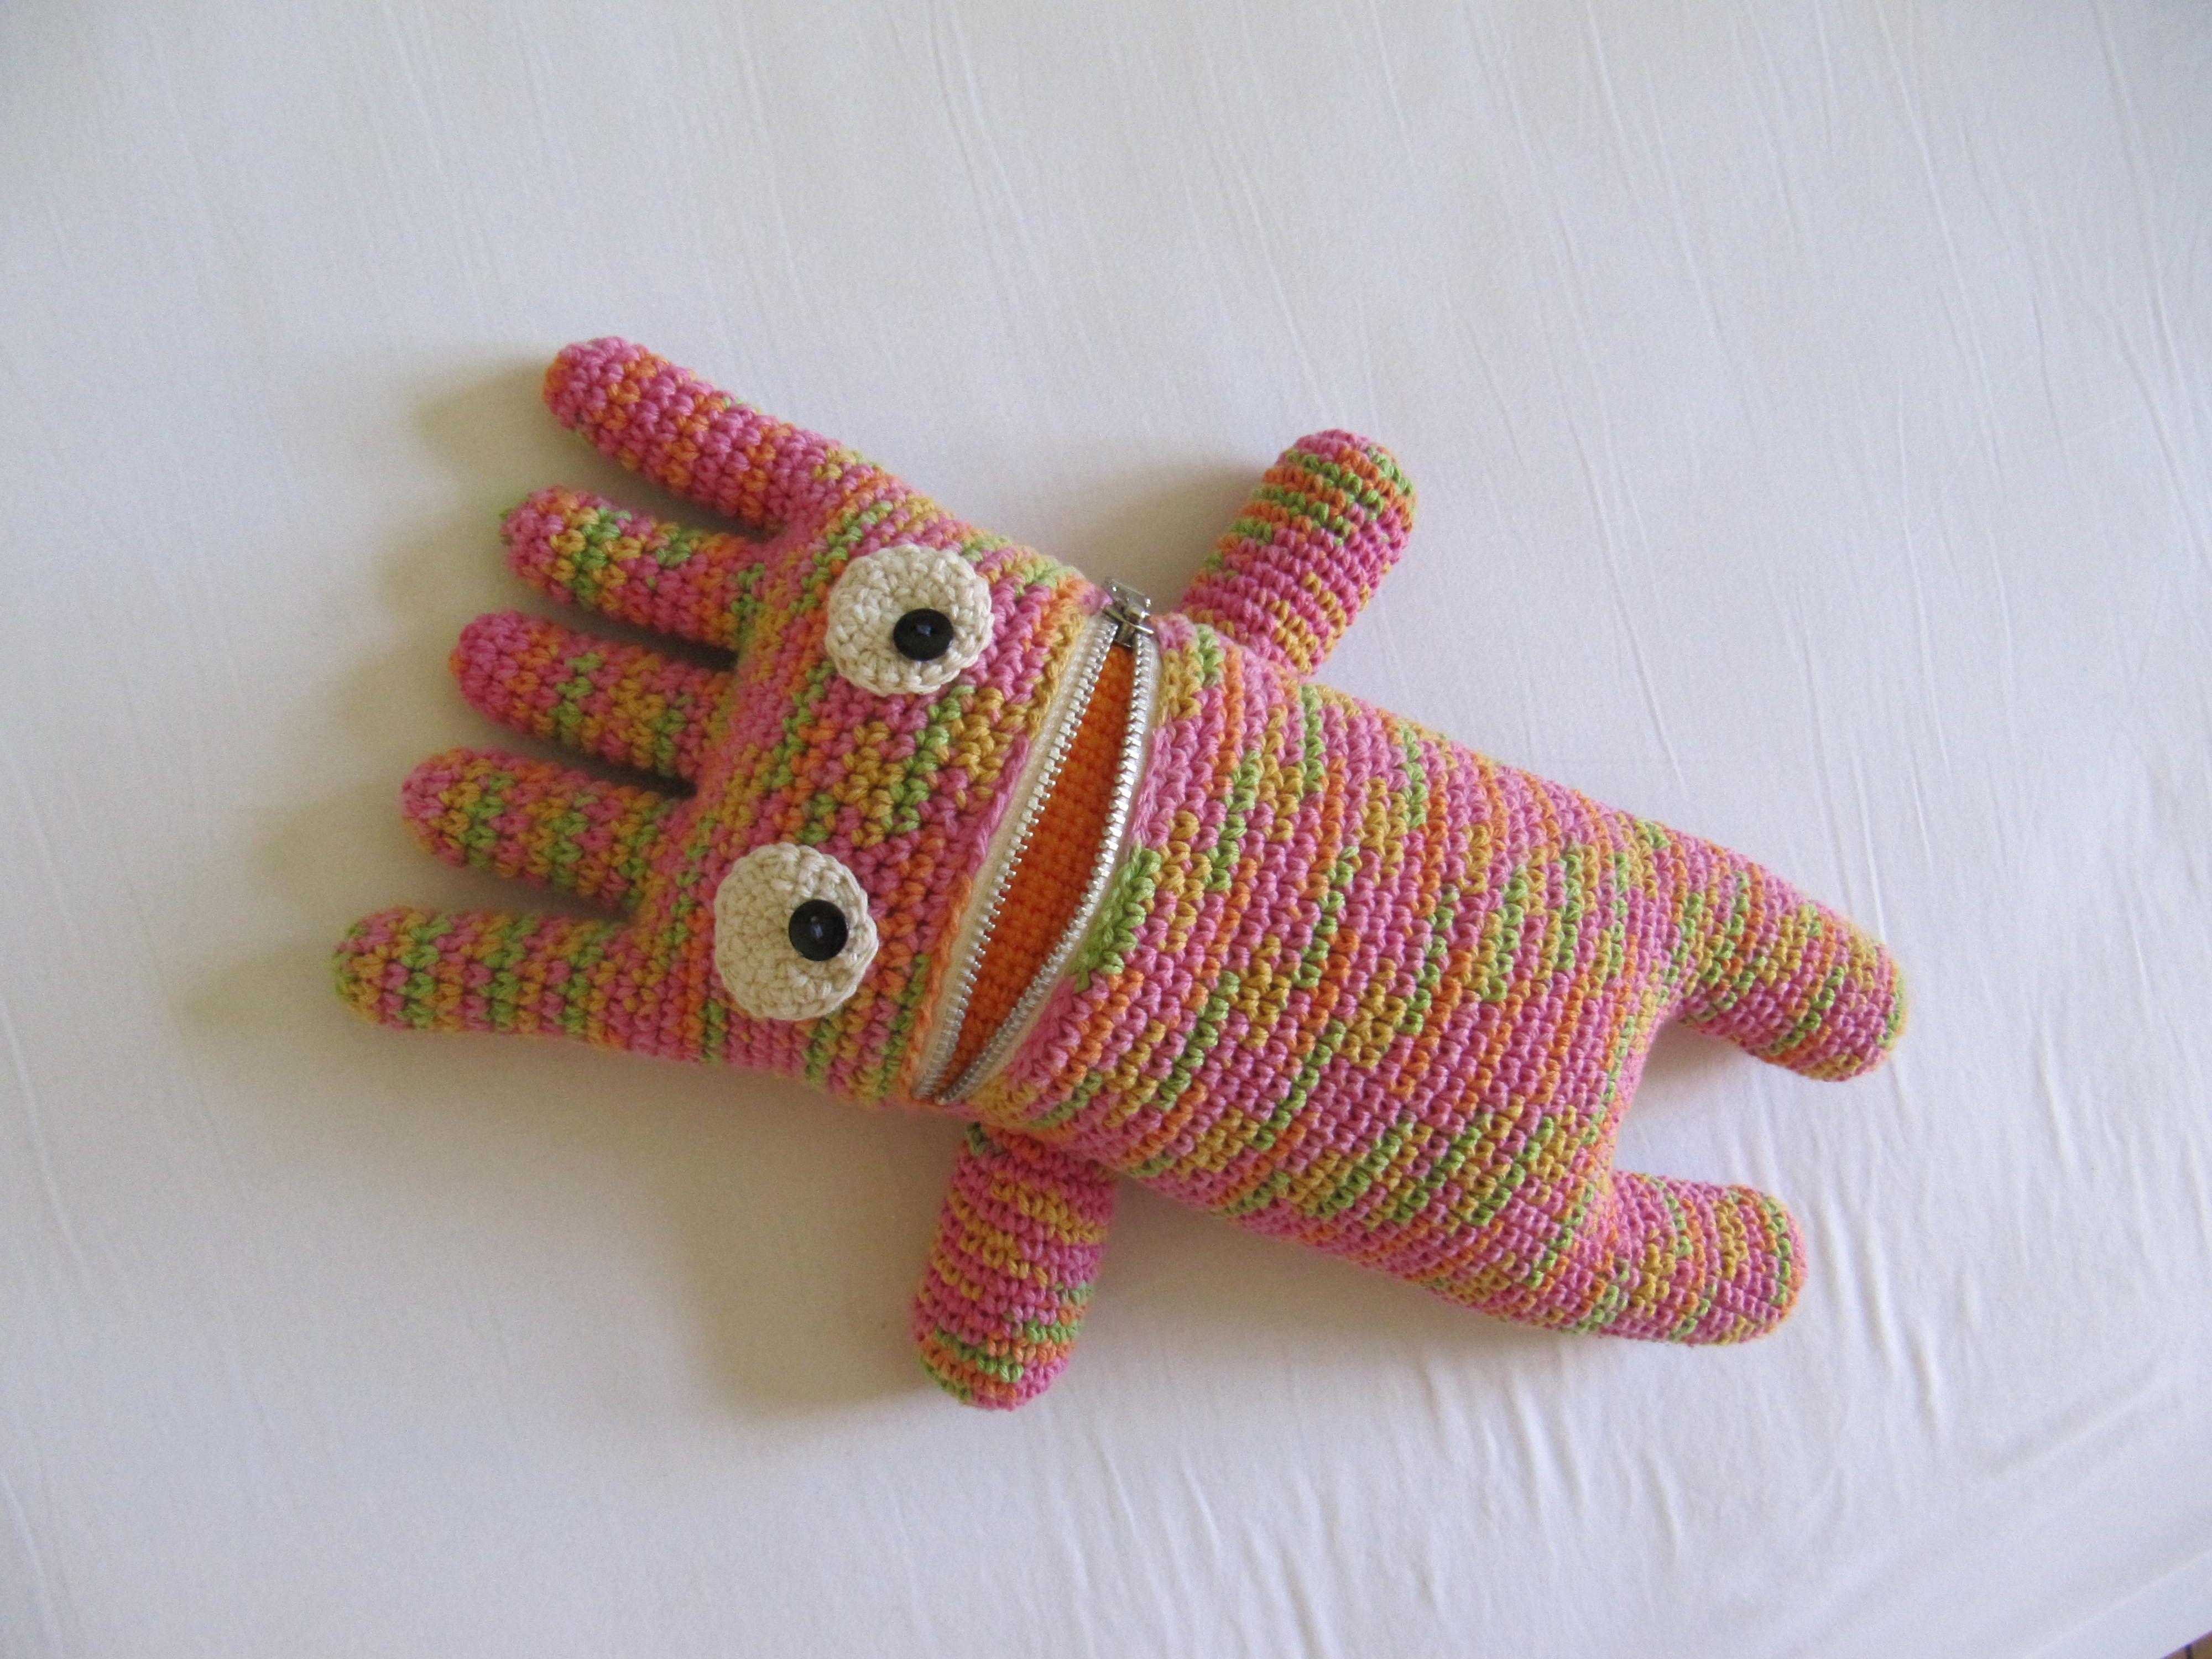 The Crochet Monster: Boo Boo | Pinterest | Sorgenfresser, Häkeln und ...